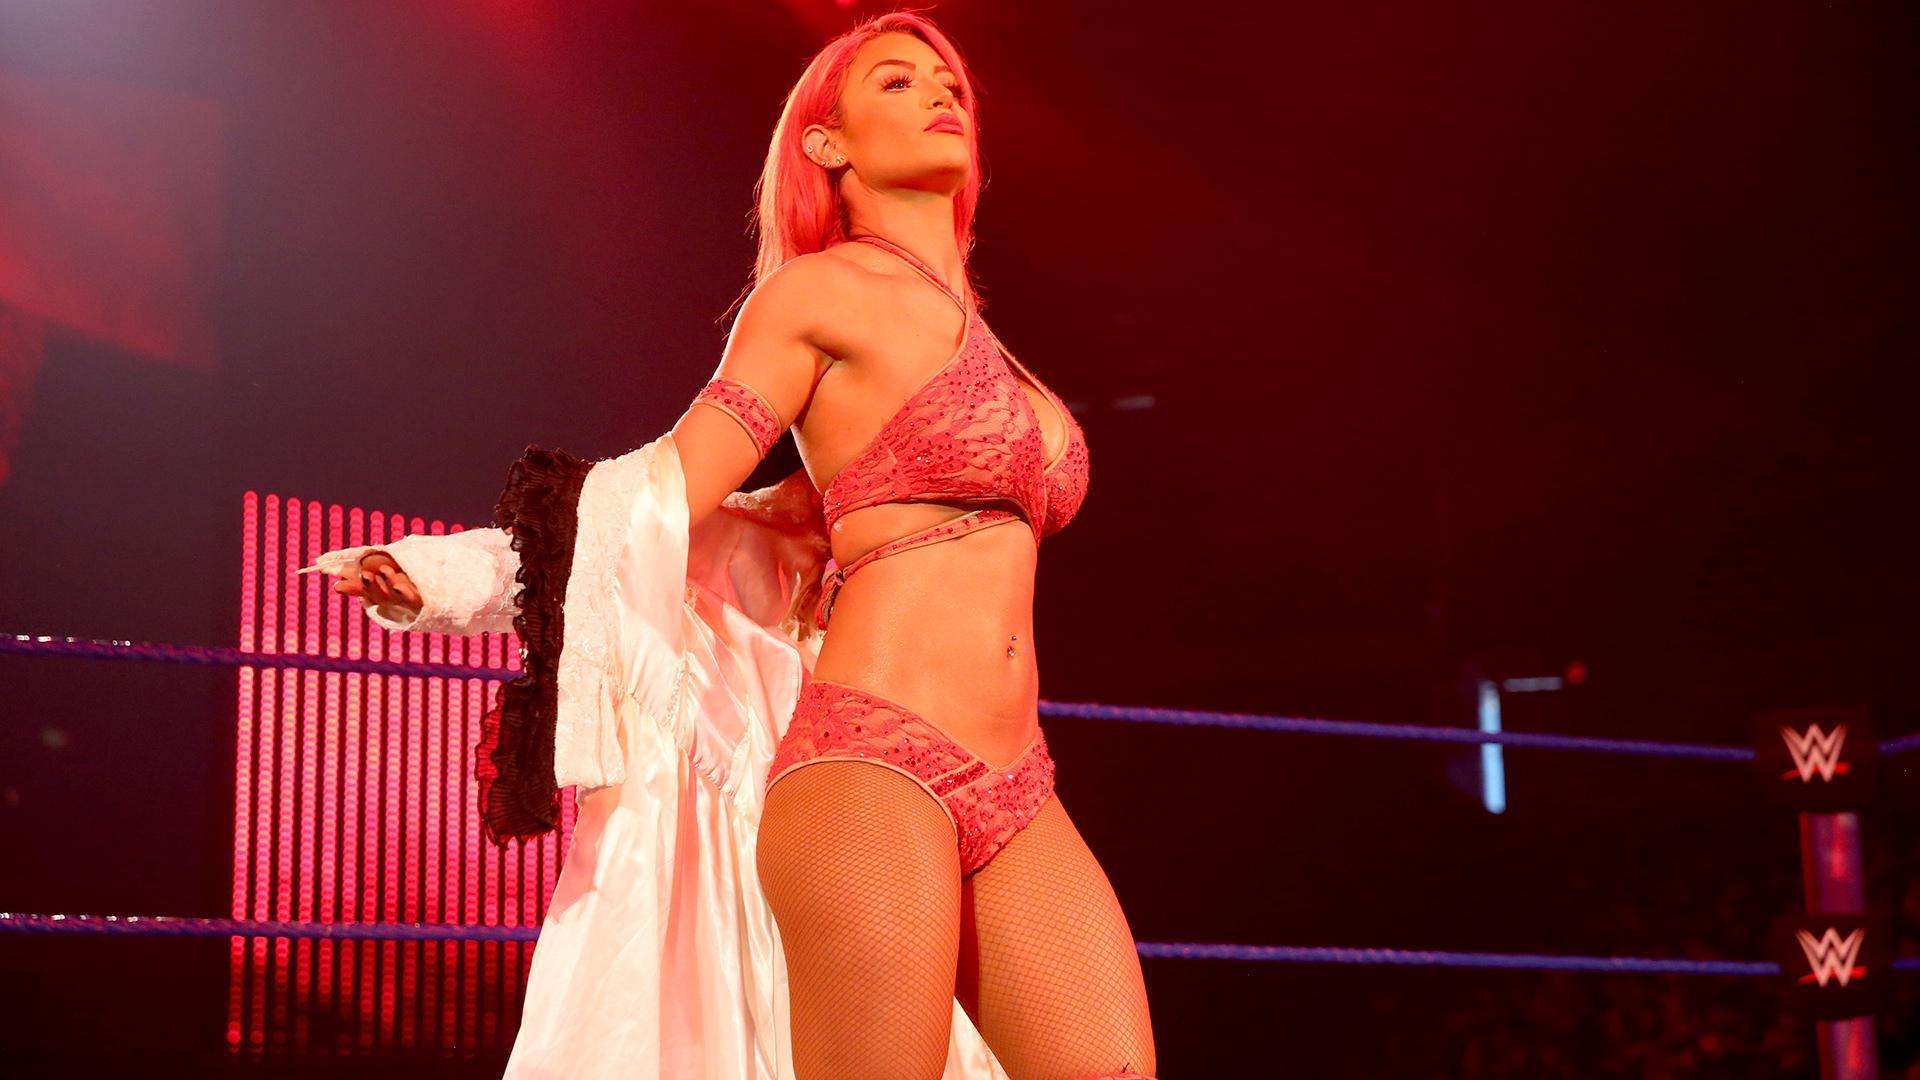 Eva Marie trong 1 sự kiện WWE vào năm 2017.